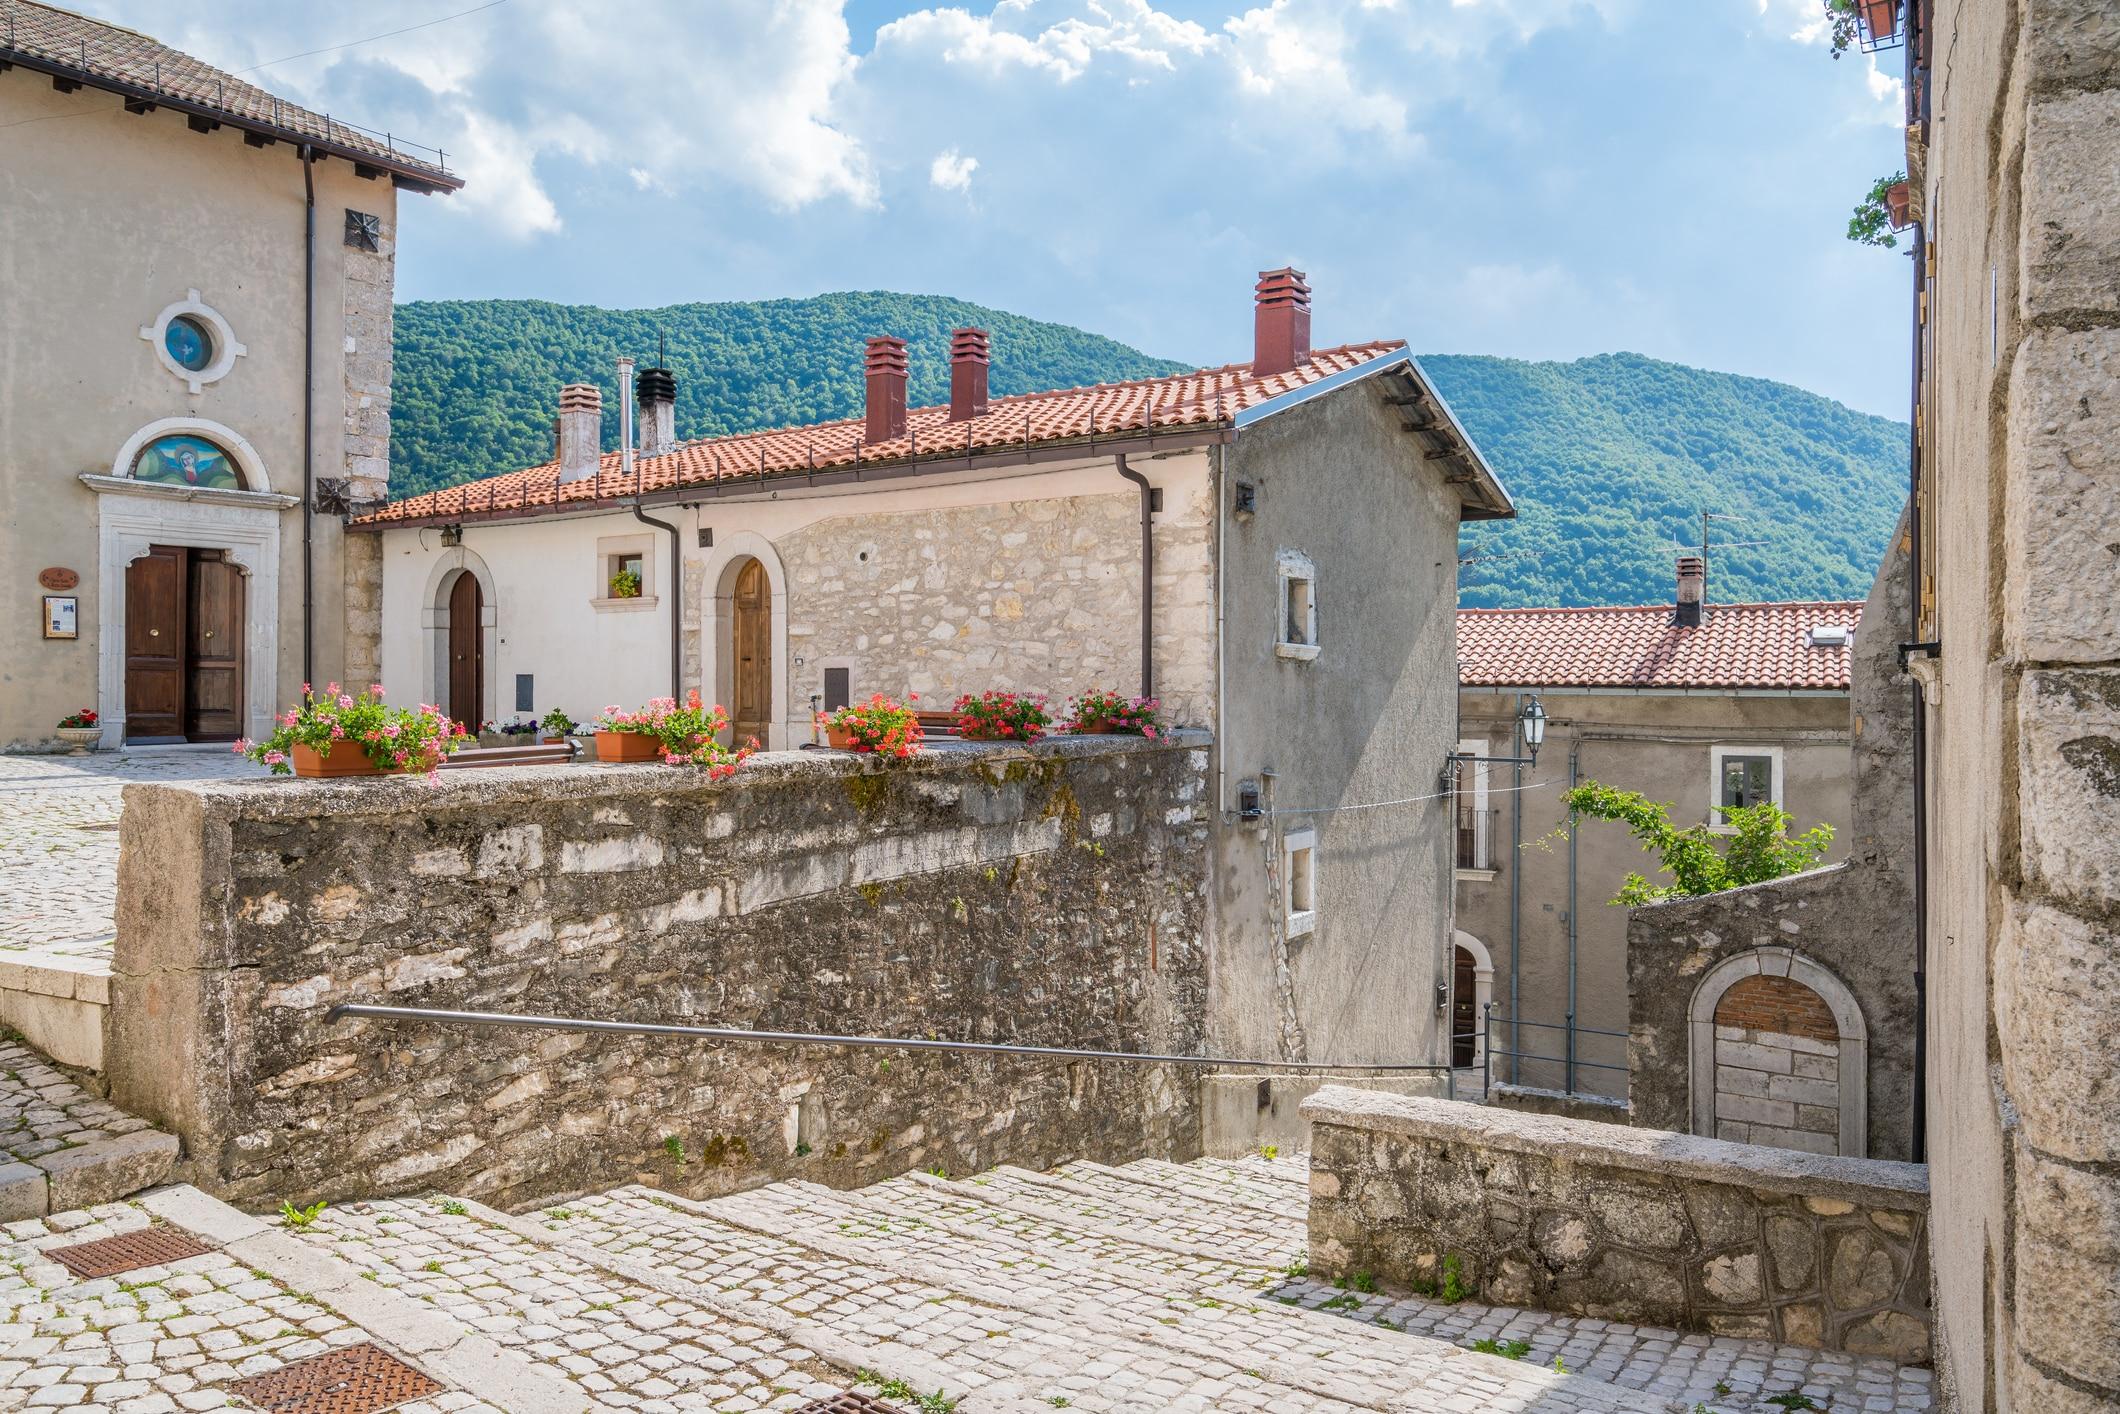 Calendario Scolastico 2020 Sicilia.Calendario Scolastico 2019 2020 Abruzzo Studenti It